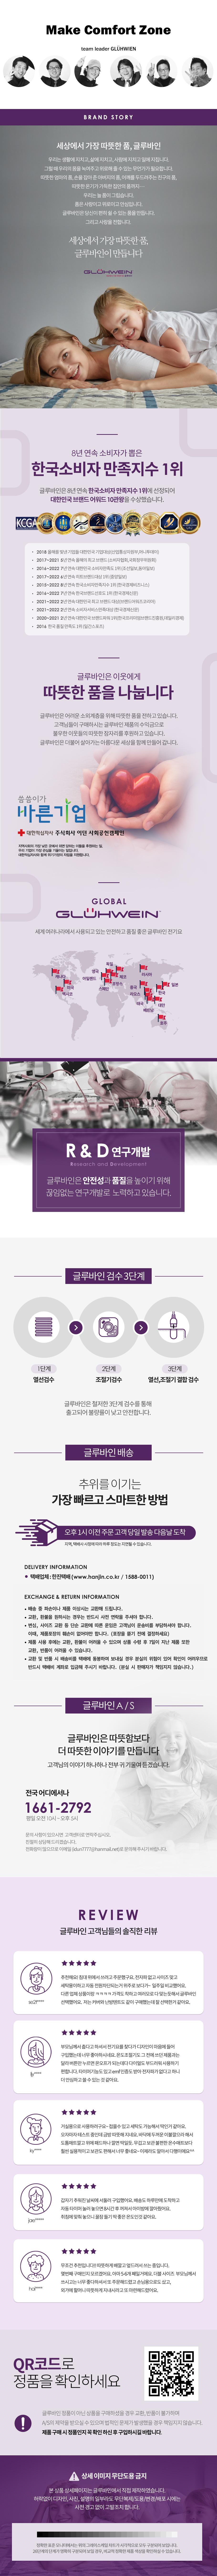 글루바인 전자파안심 스마트 전기요 데메테르 싱글 - 글루바인, 124,500원, 온열/난방제품, 온열/온수매트